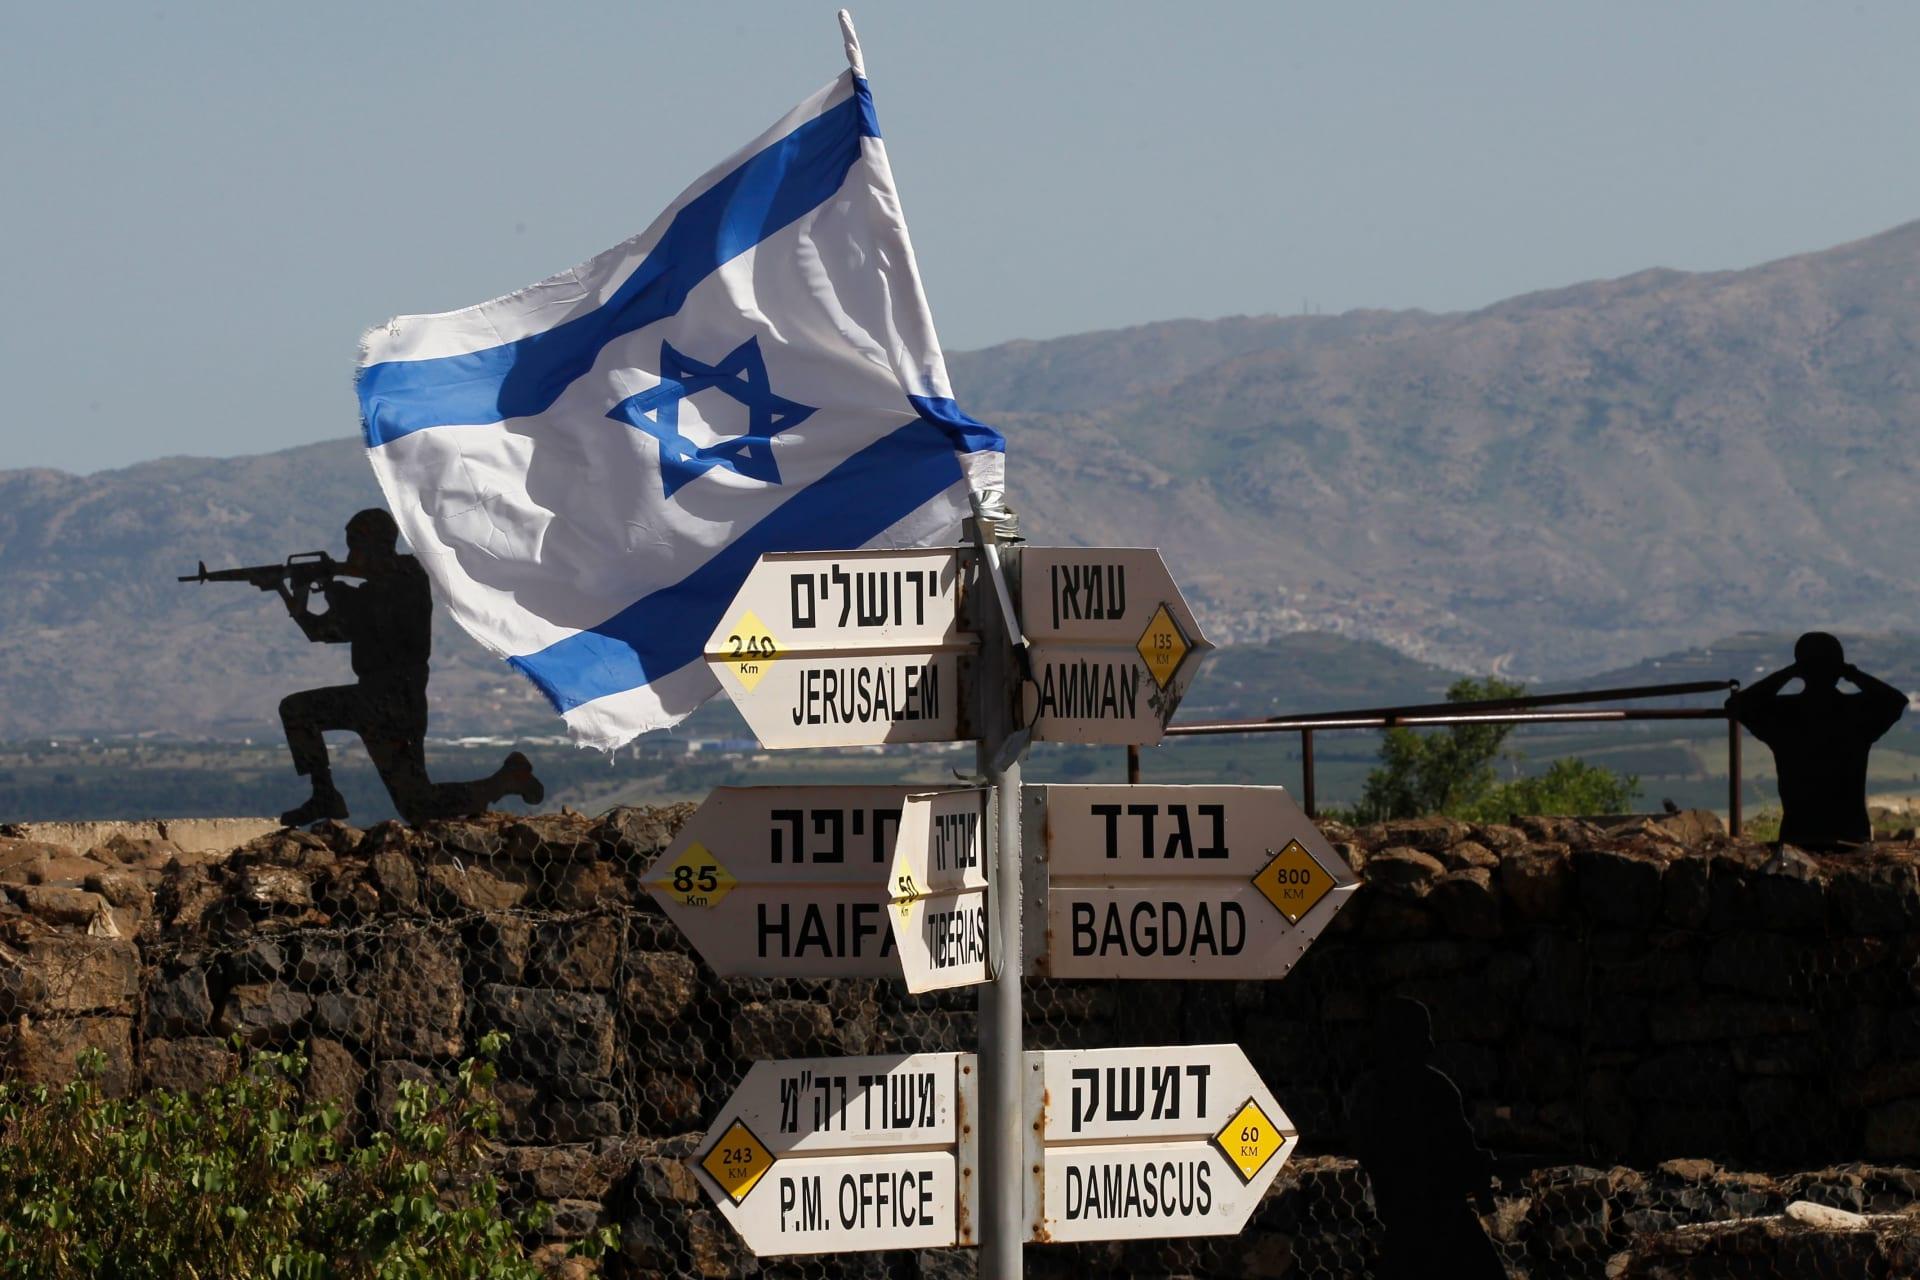 المبعوث الروسي إلى سوريا: تراجع إيران لمسافة 85 كيلومترا من حدود إسرائيل